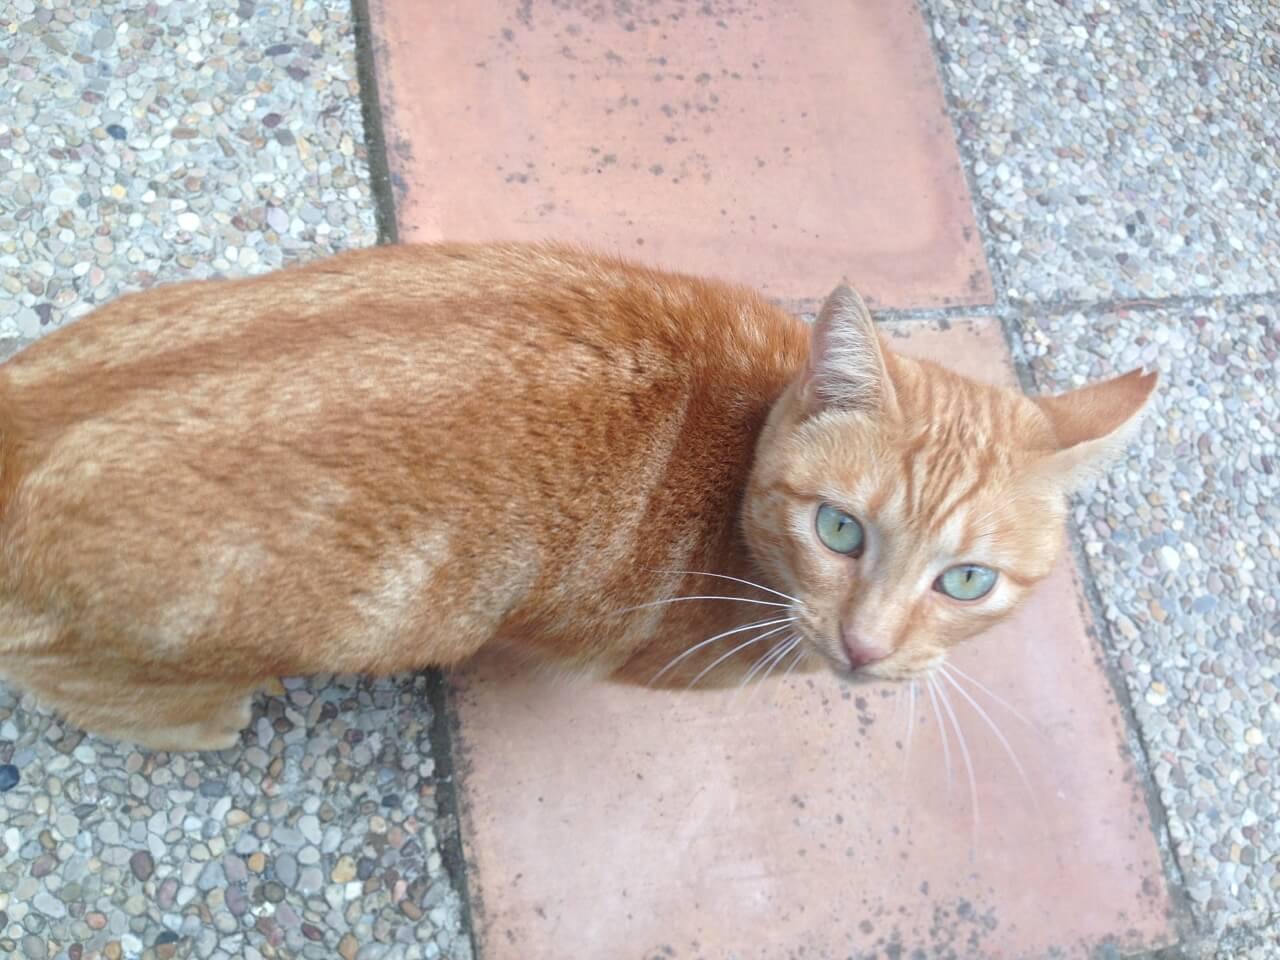 Eine rotgetigerte Katze auf einem Weg.